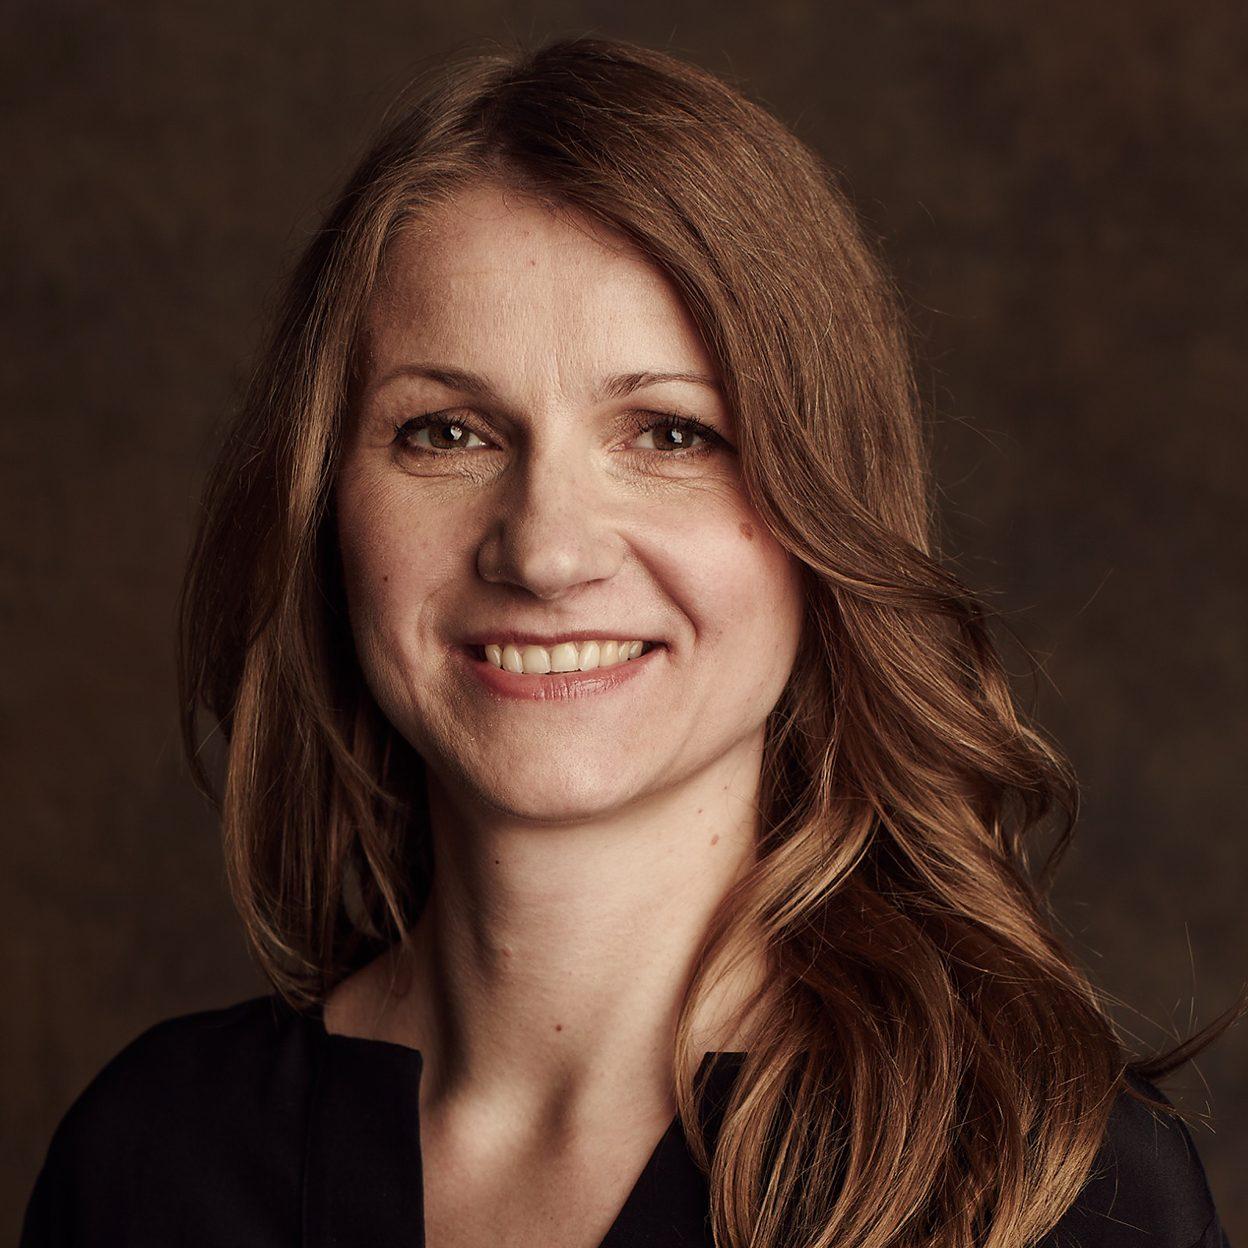 Melanie Fasche